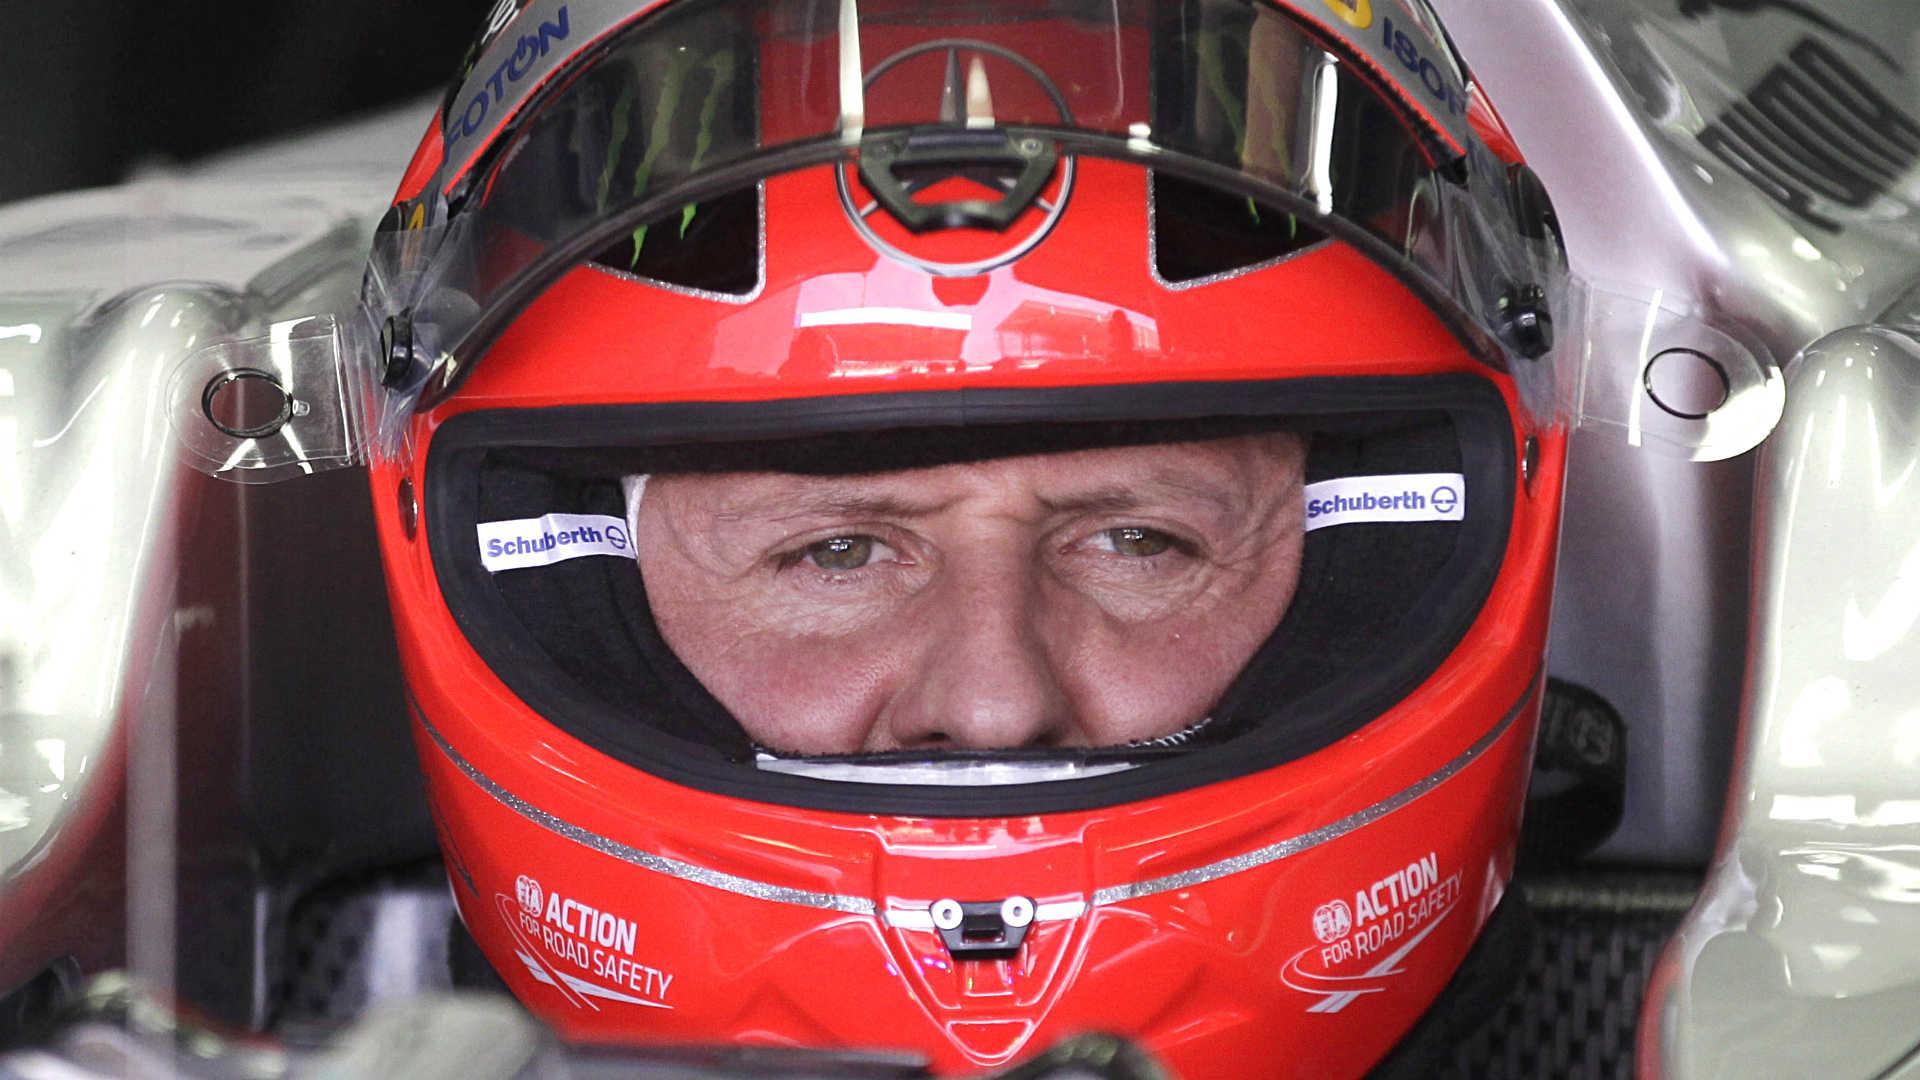 Michael-Schumacher-030114-AP-FTR.jpg